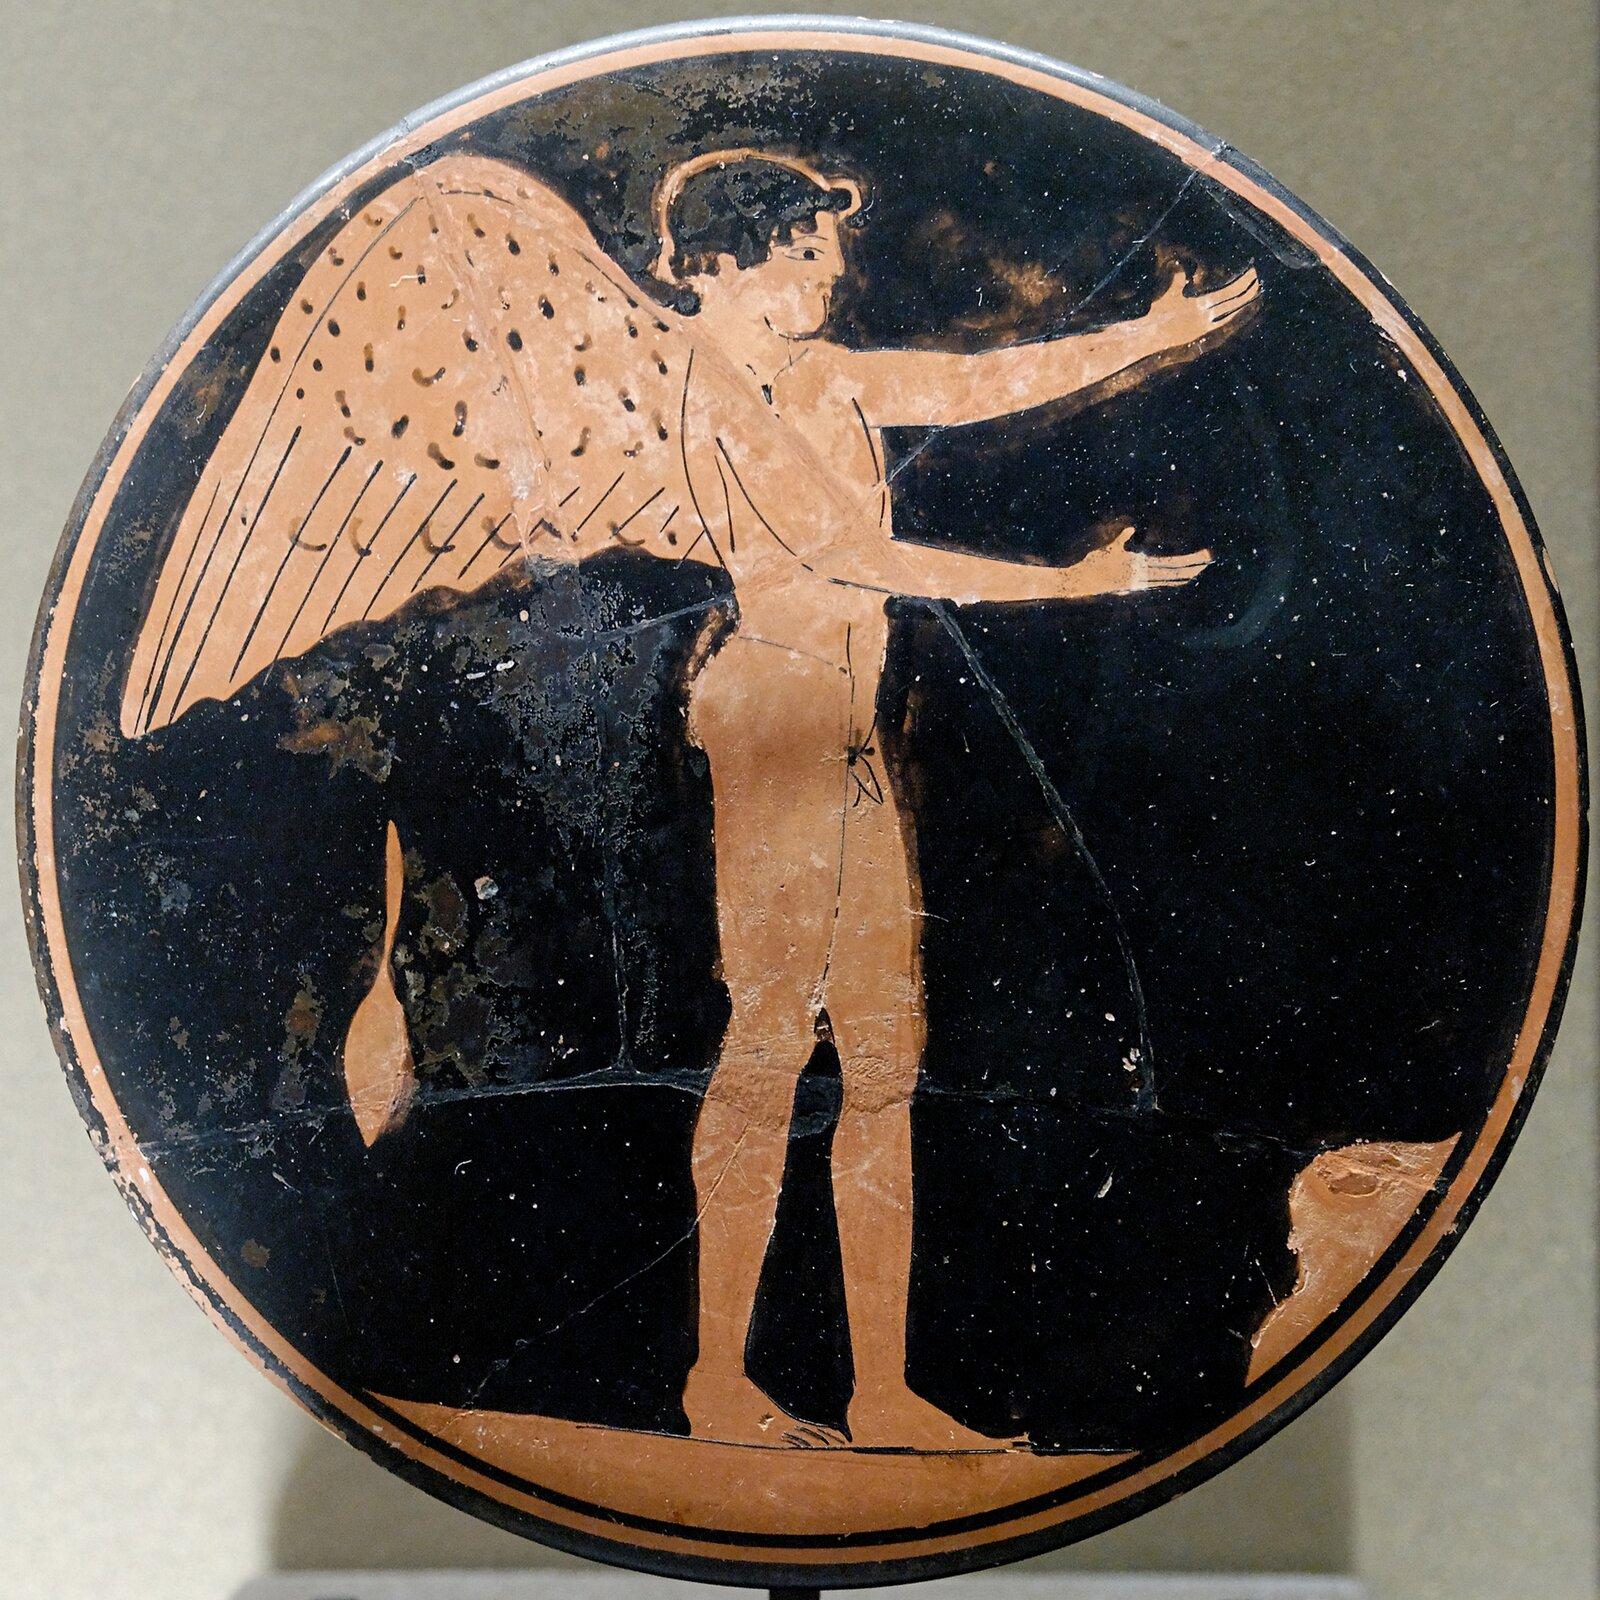 Ilustracja przedstawia paterę zwizerunkiem Erosa - boga miłości. Jest wykonana techniką malarstwa czerwonofigurowego, którym zdobiono naczynia wstarożytnej Grecji. Na czarnym tle ukazany jest stojący, nagi iuskrzydlony Eros. Obie ręce ma wyciągnięte prze siebie. Patera otoczona jest oblamówką.